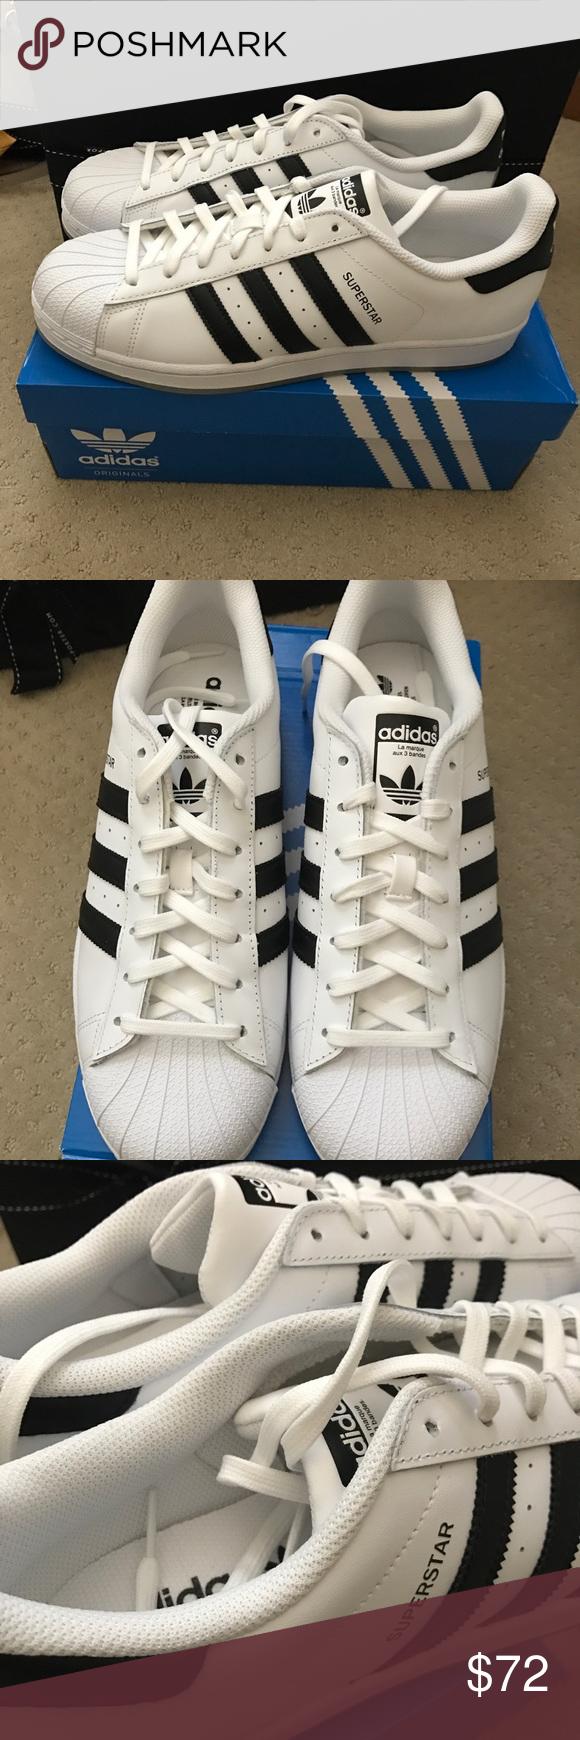 adidas superstar scarpe nuove di zecca, con tutti gli imballaggi intatta